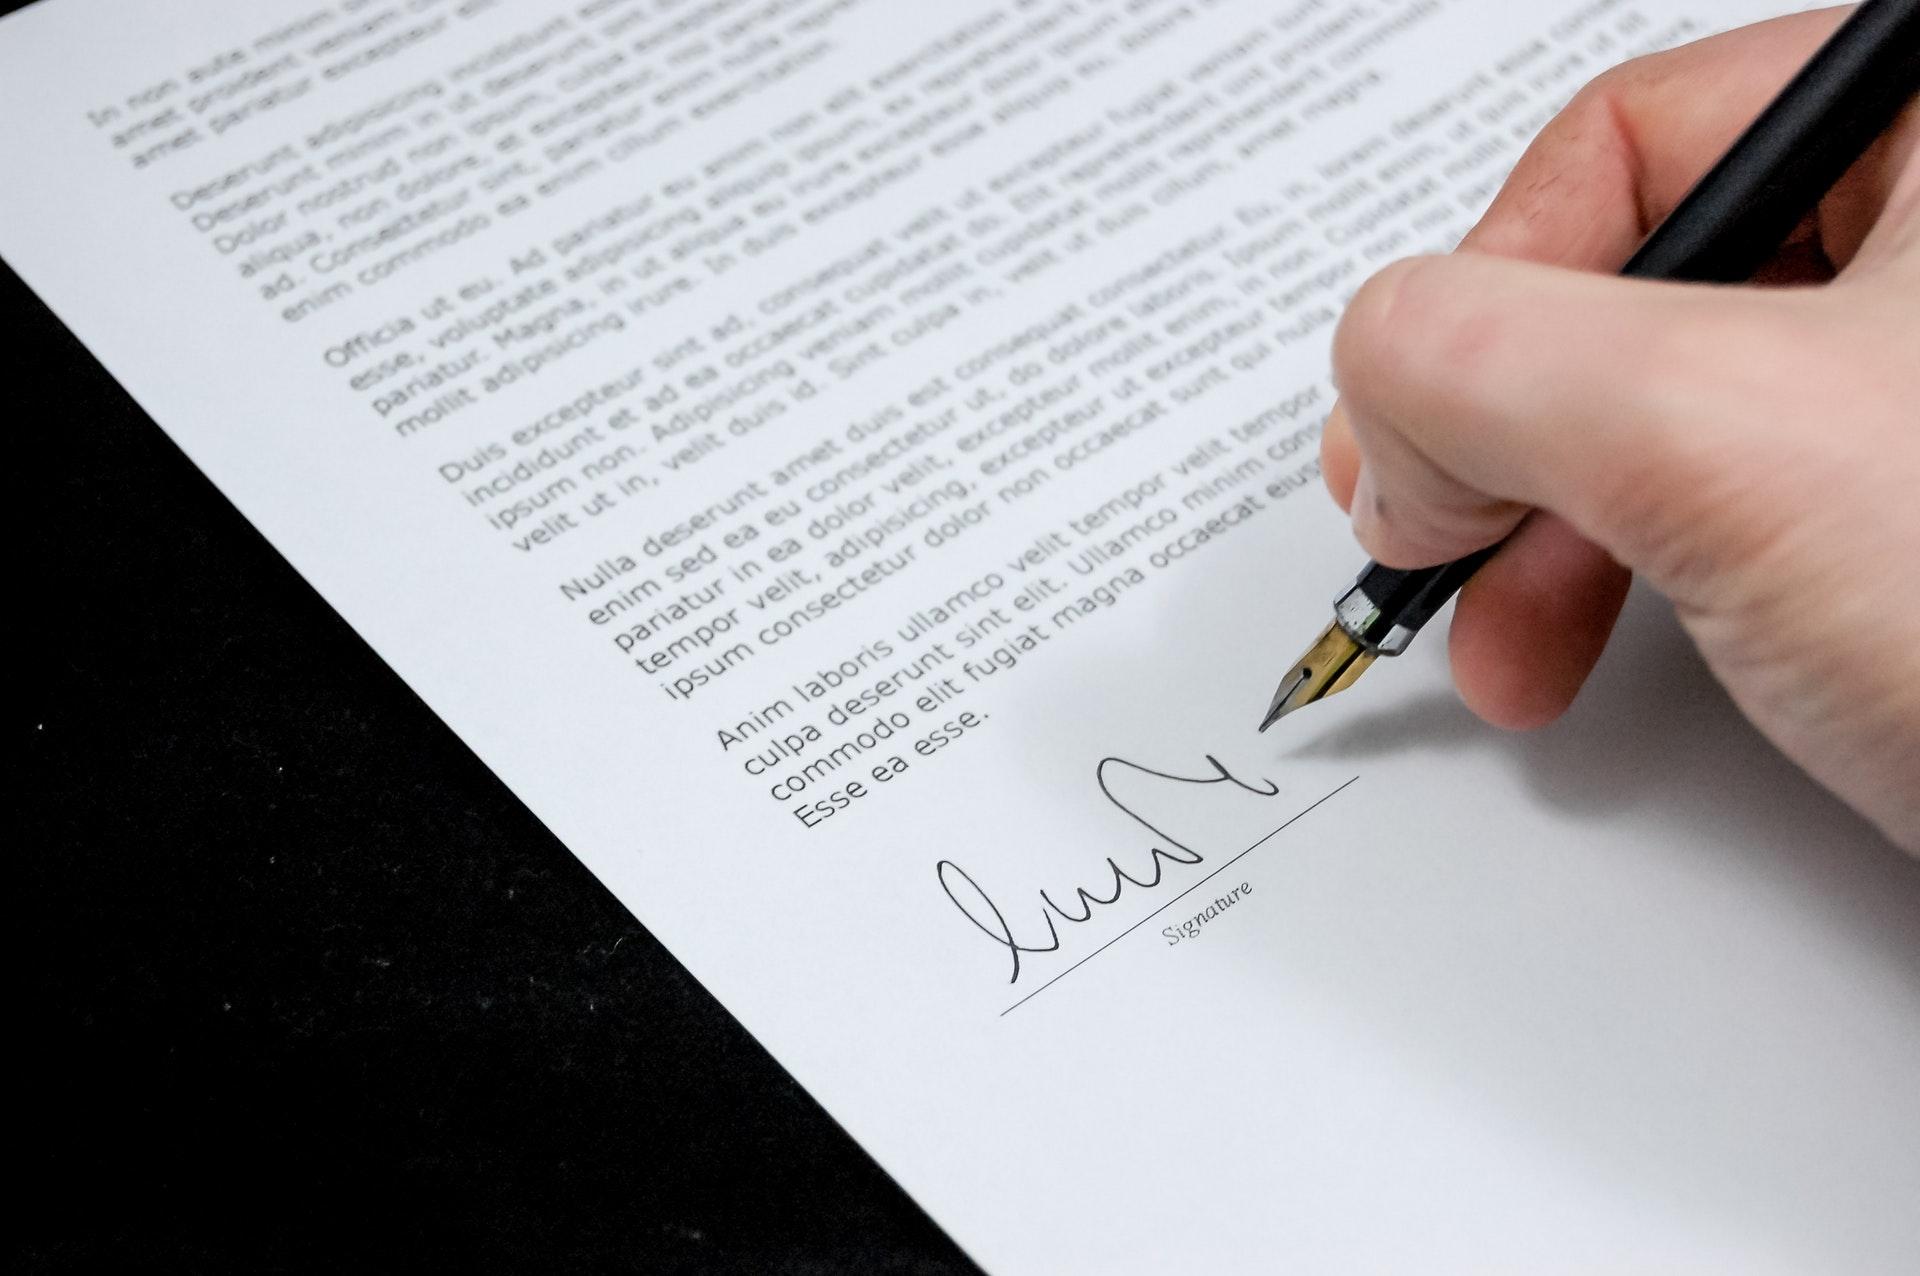 Государственная регистрация права собственности в связи с приобретением в собственность имущества юридическим лицом, которое является управителем фонда операций